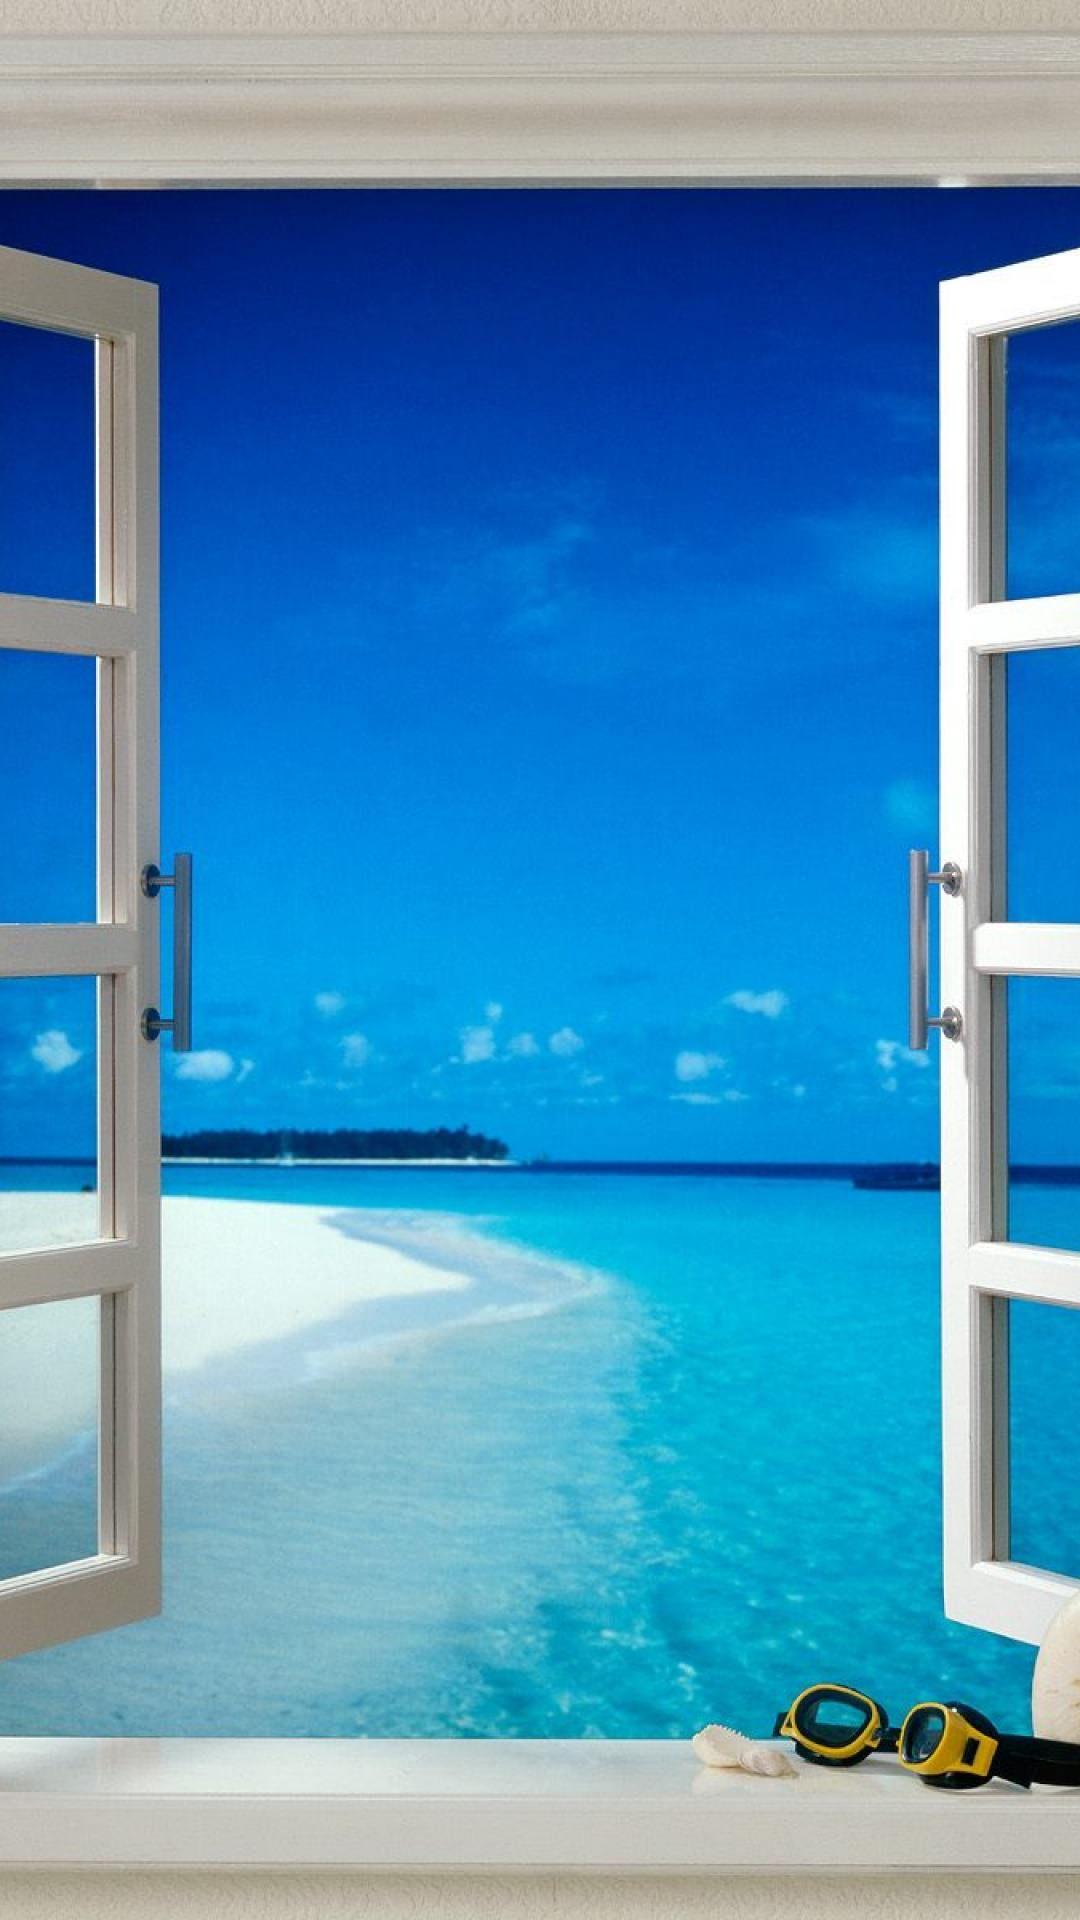 窓から望むビーチ Iphone6 Plus壁紙 ビーチ